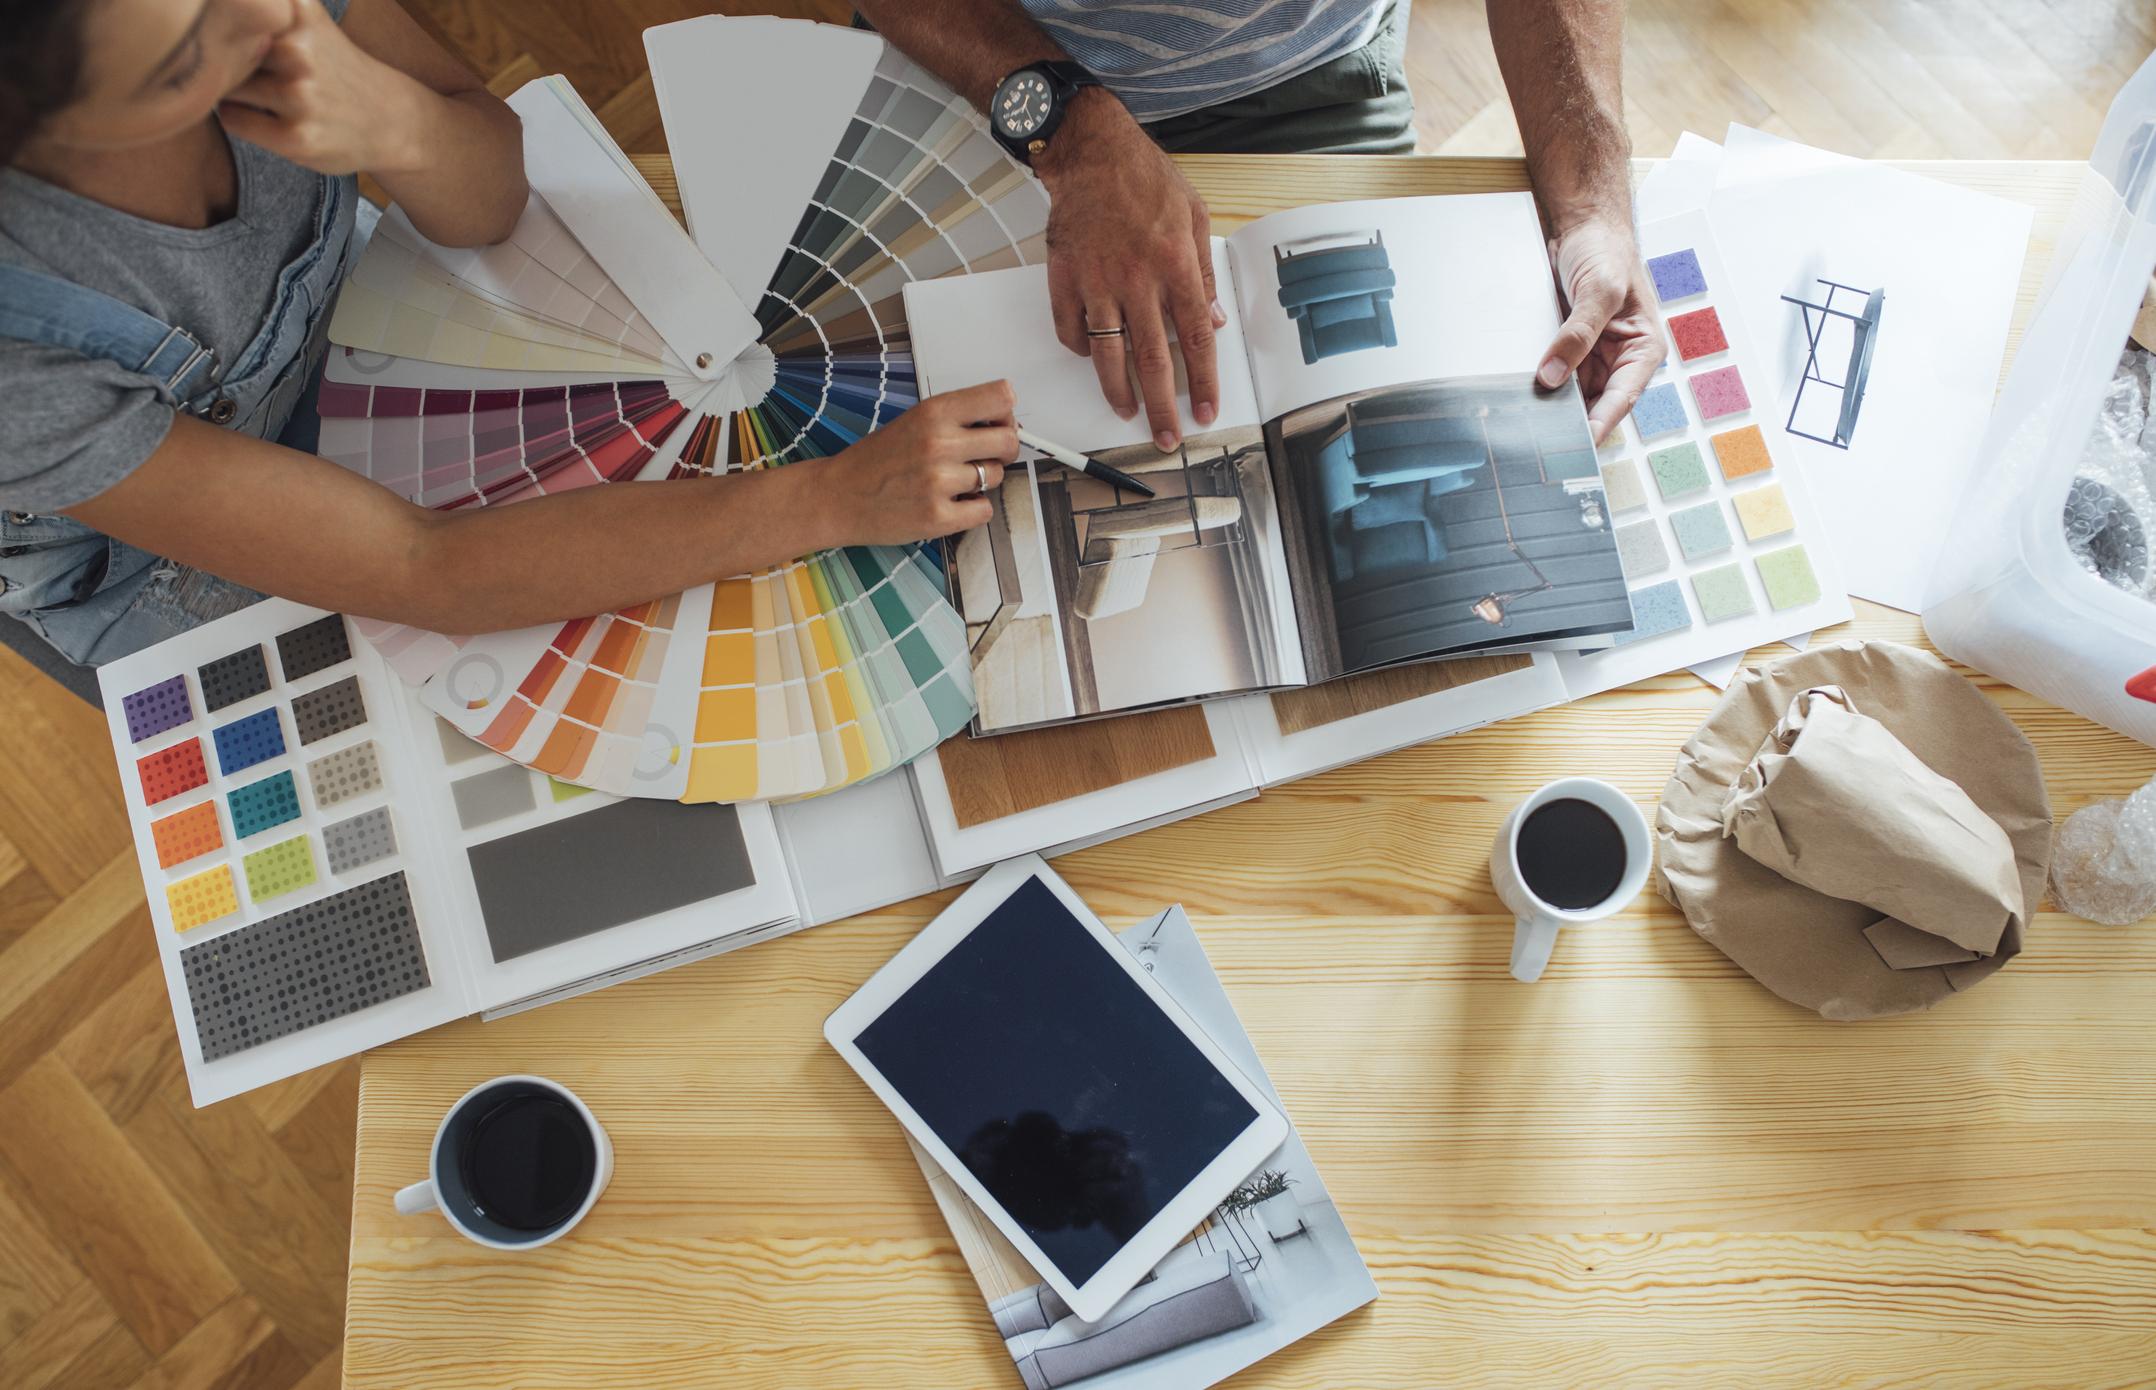 Decorating your new luxury condominium